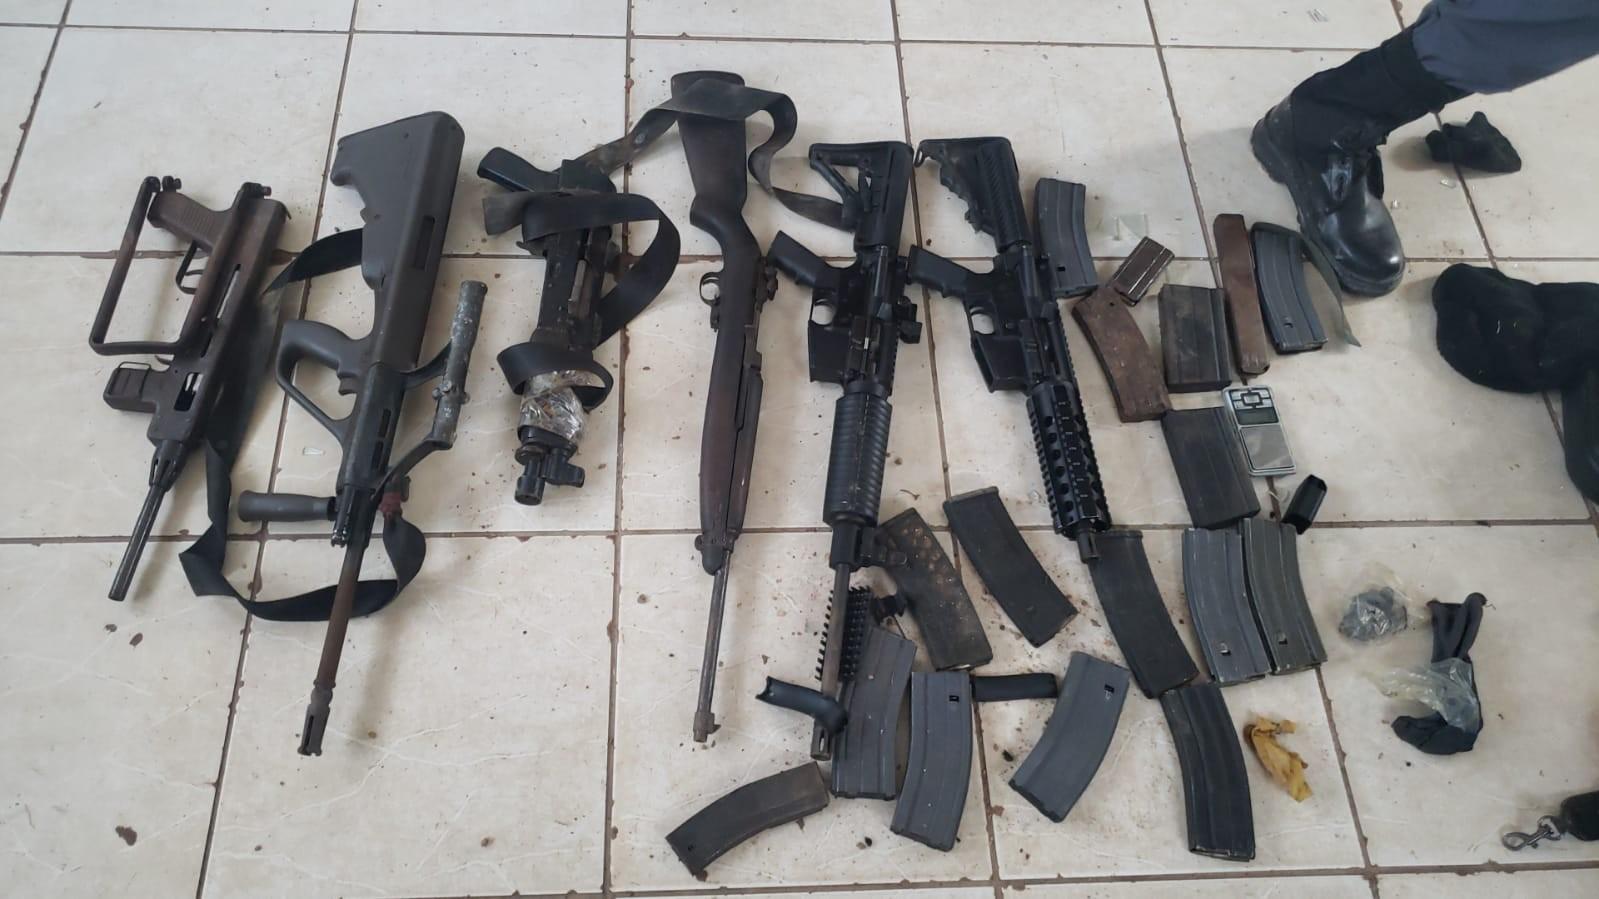 Membro de organização criminosa é preso com 6 fuzis e carregadores em Cuiabá